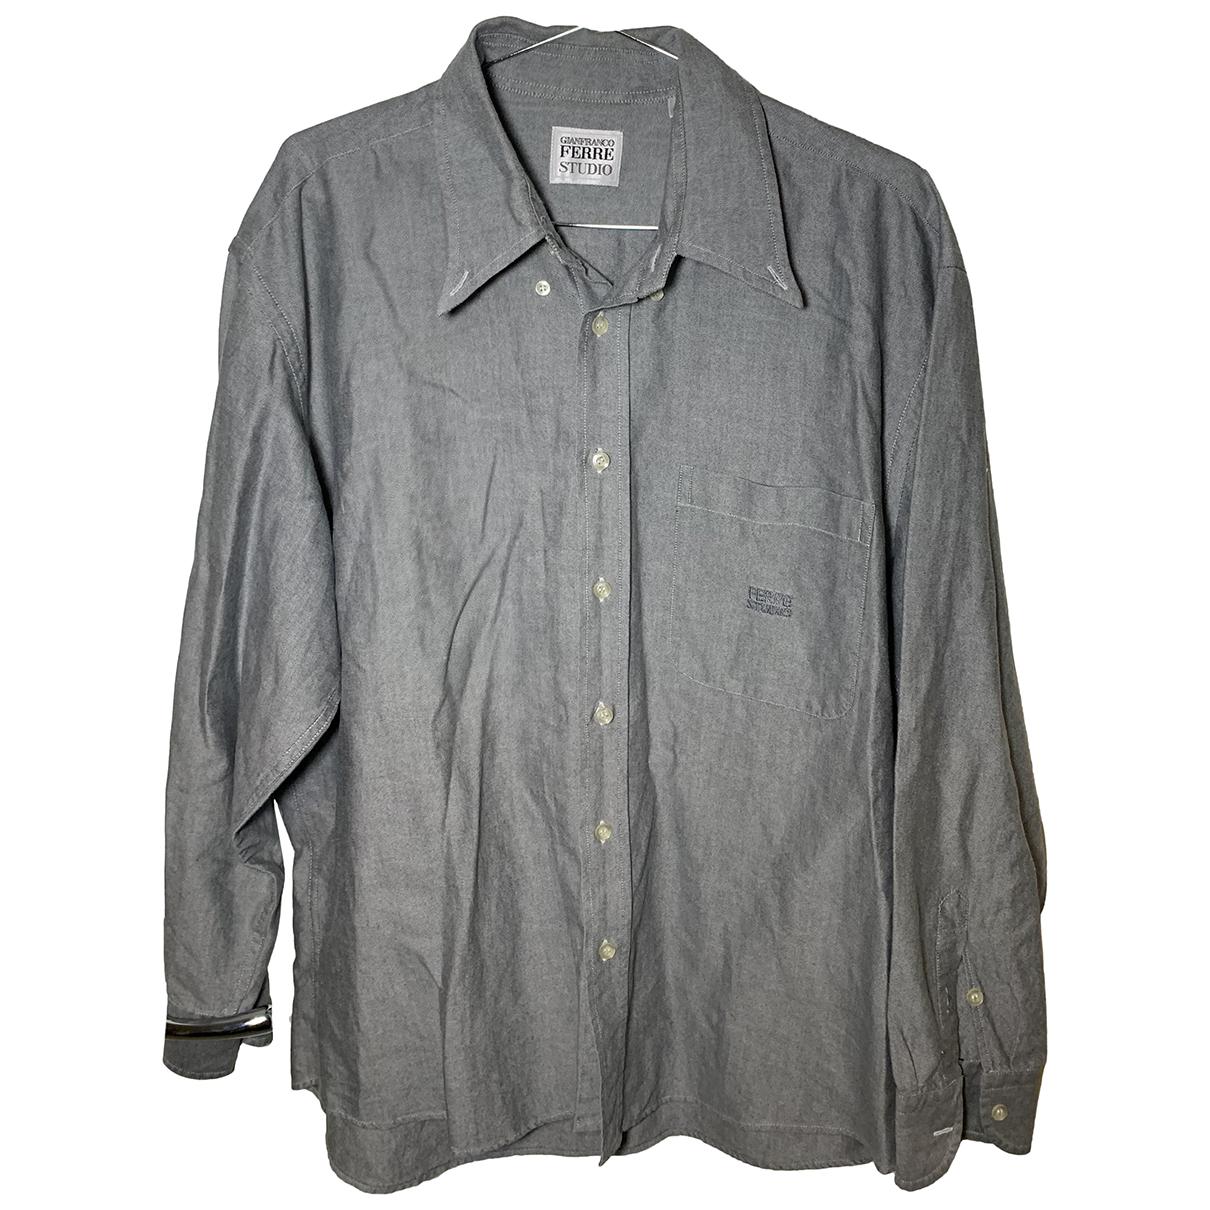 Gianfranco Ferré N Grey Cotton Shirts for Men 43 EU (tour de cou / collar)